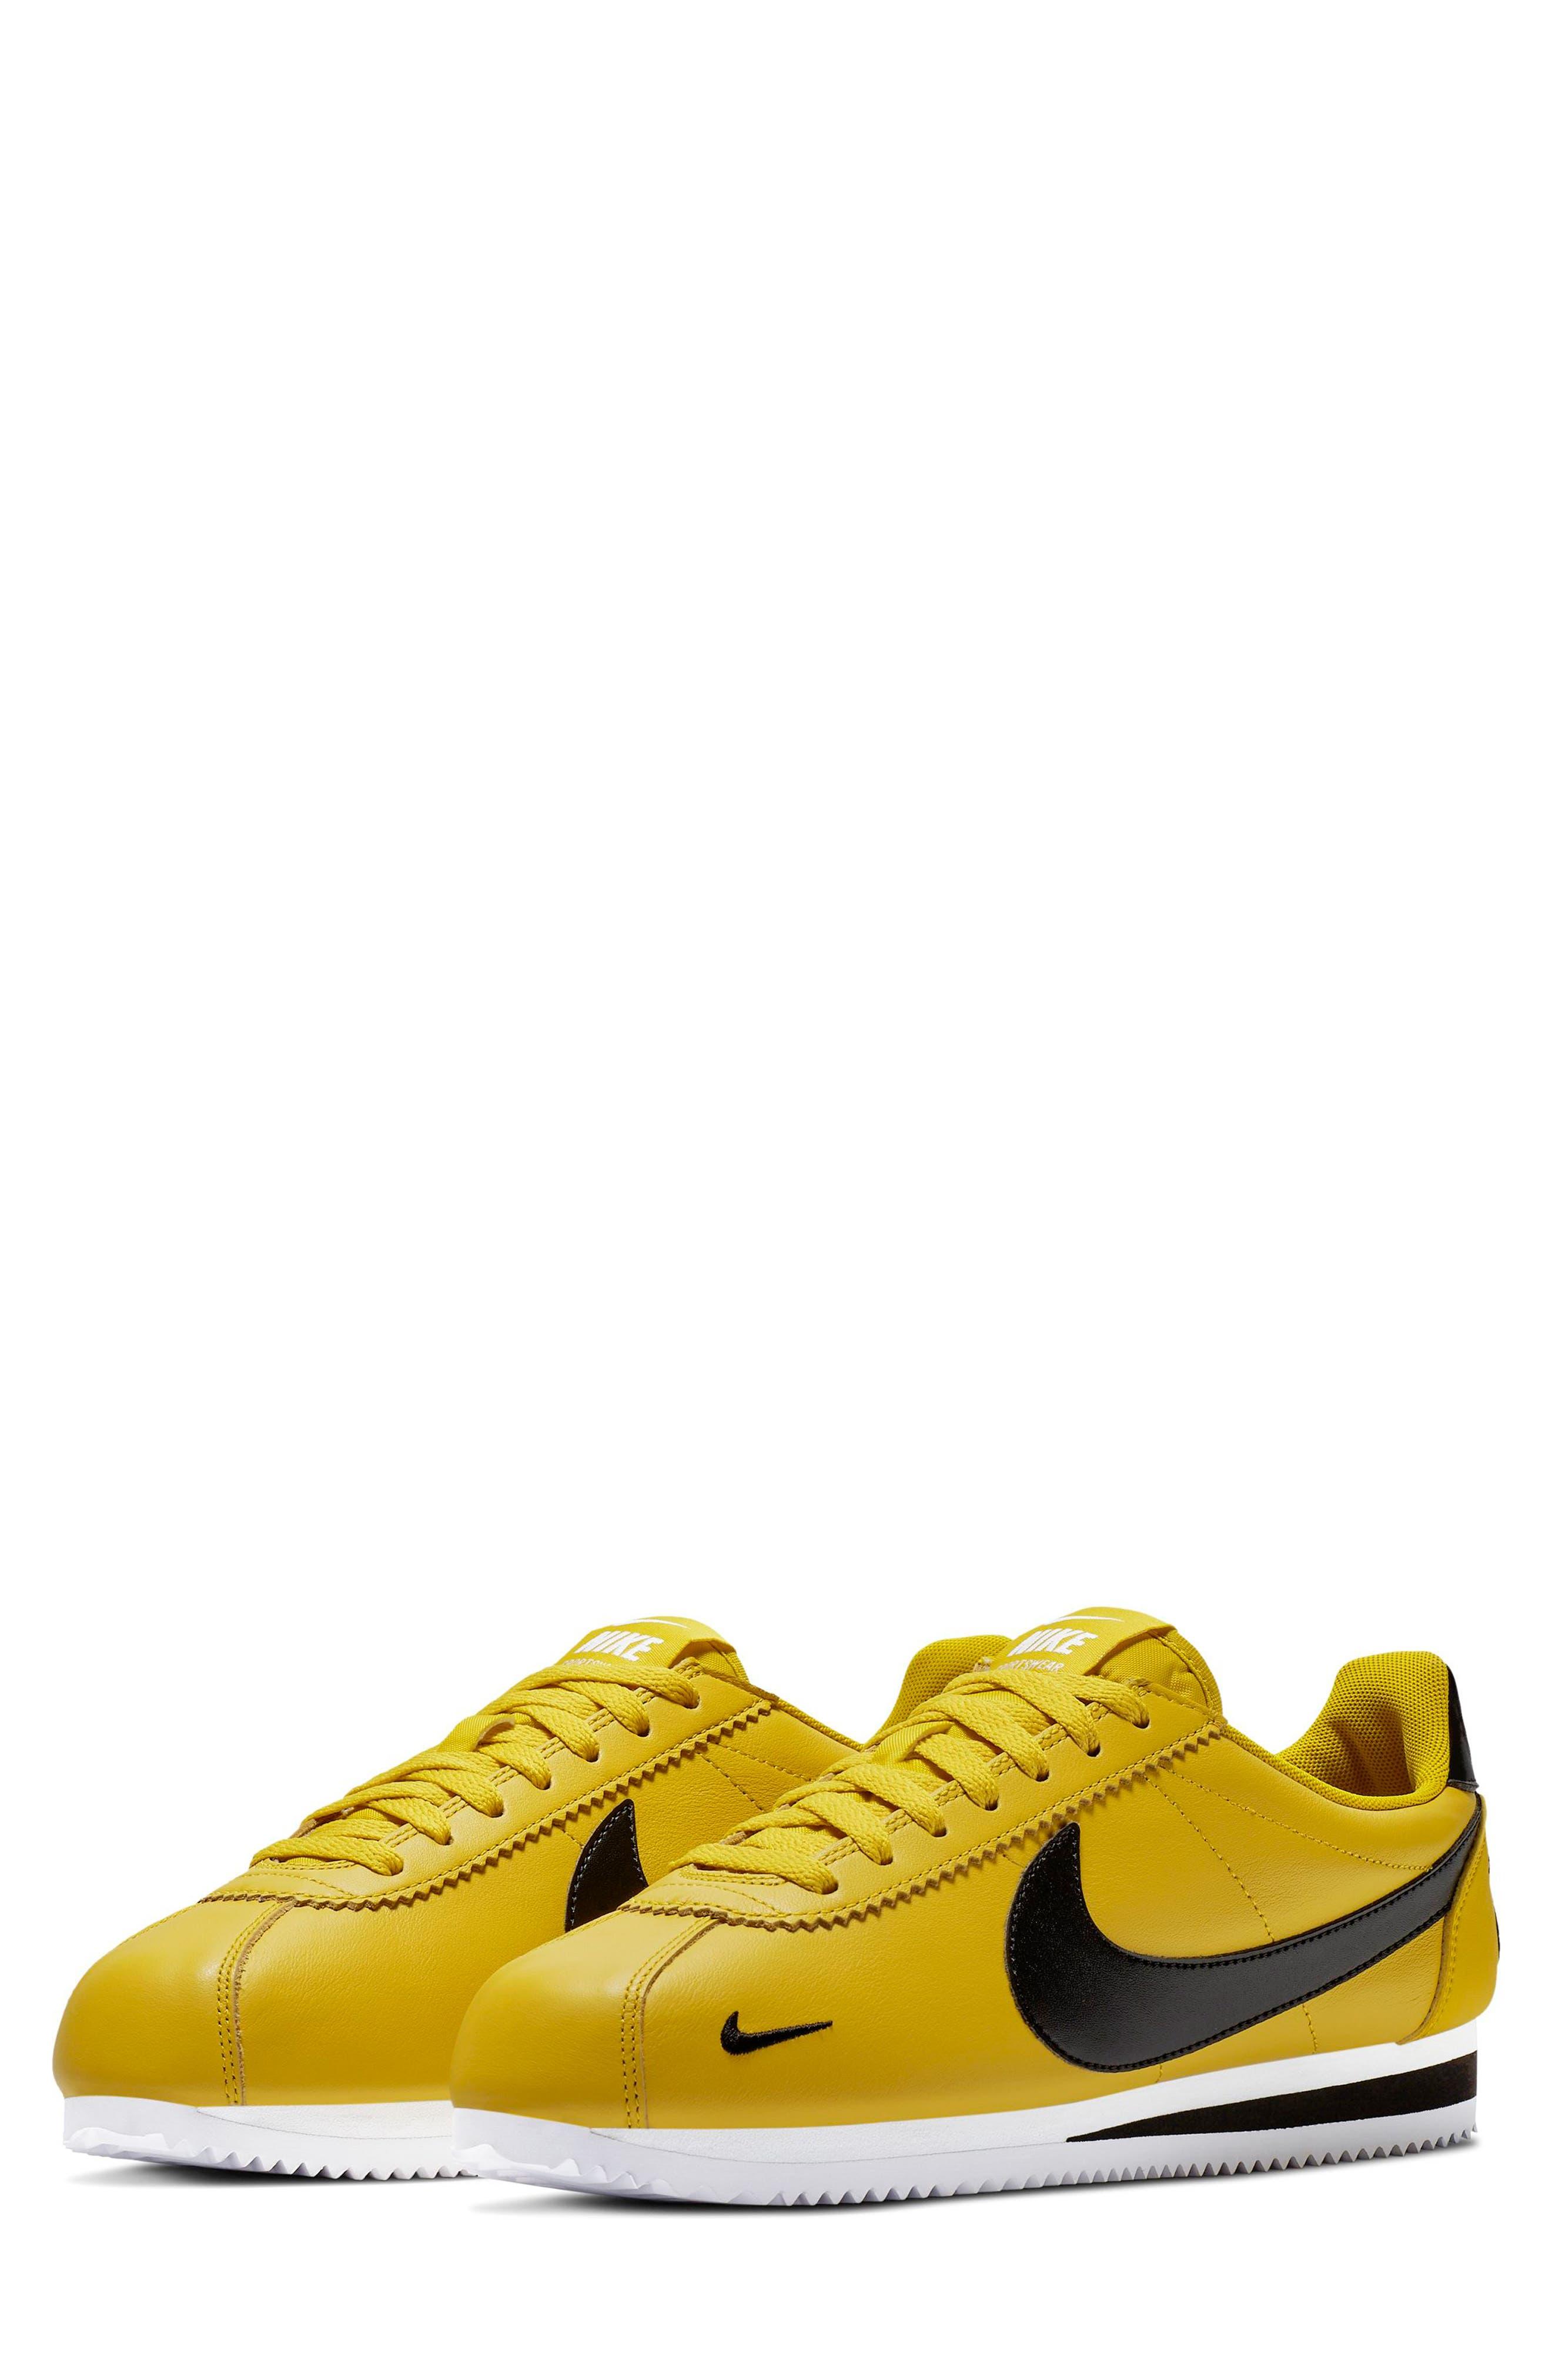 Classic Cortez Premium Sneaker, Main, color, BRIGHT CITRON/ BLACK/ WHITE